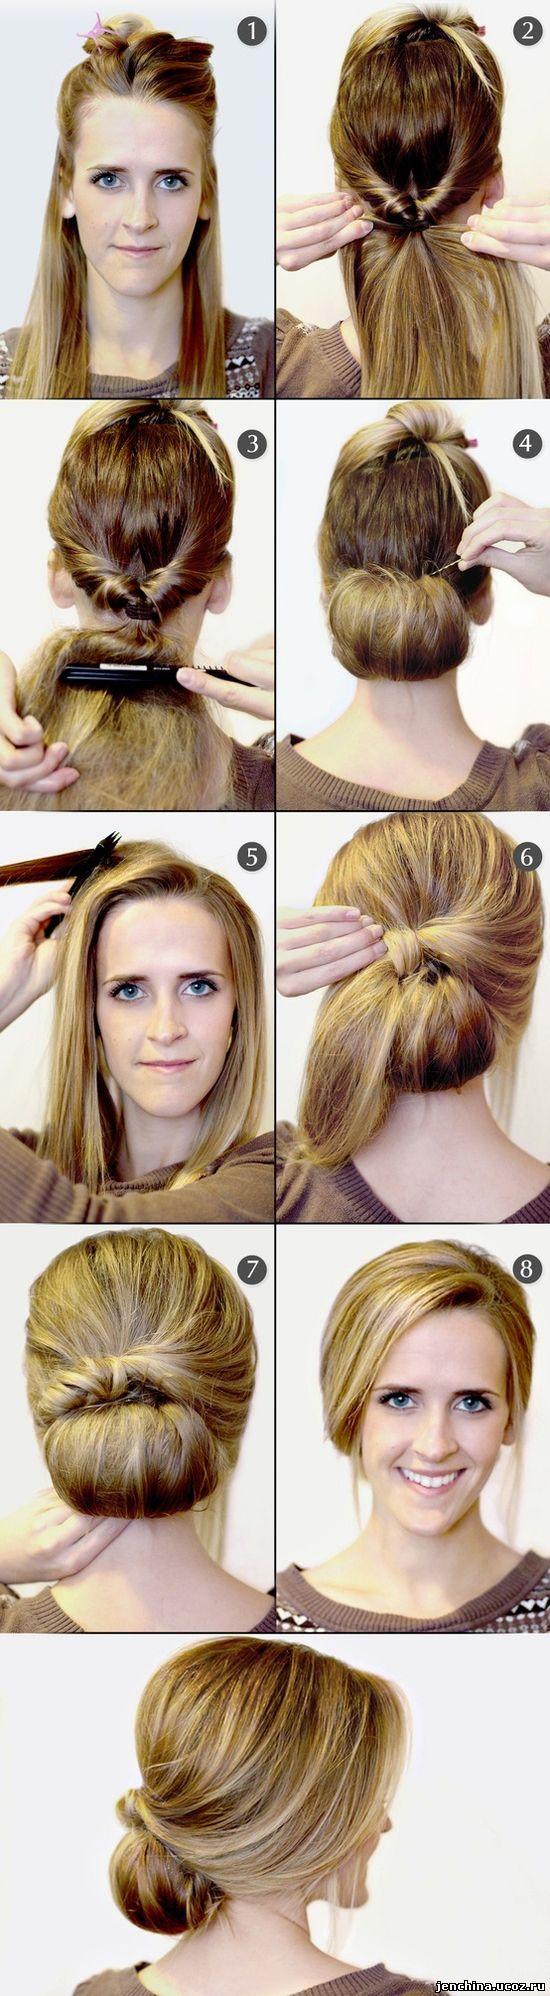 Причёски для средних волос своими руками для детей